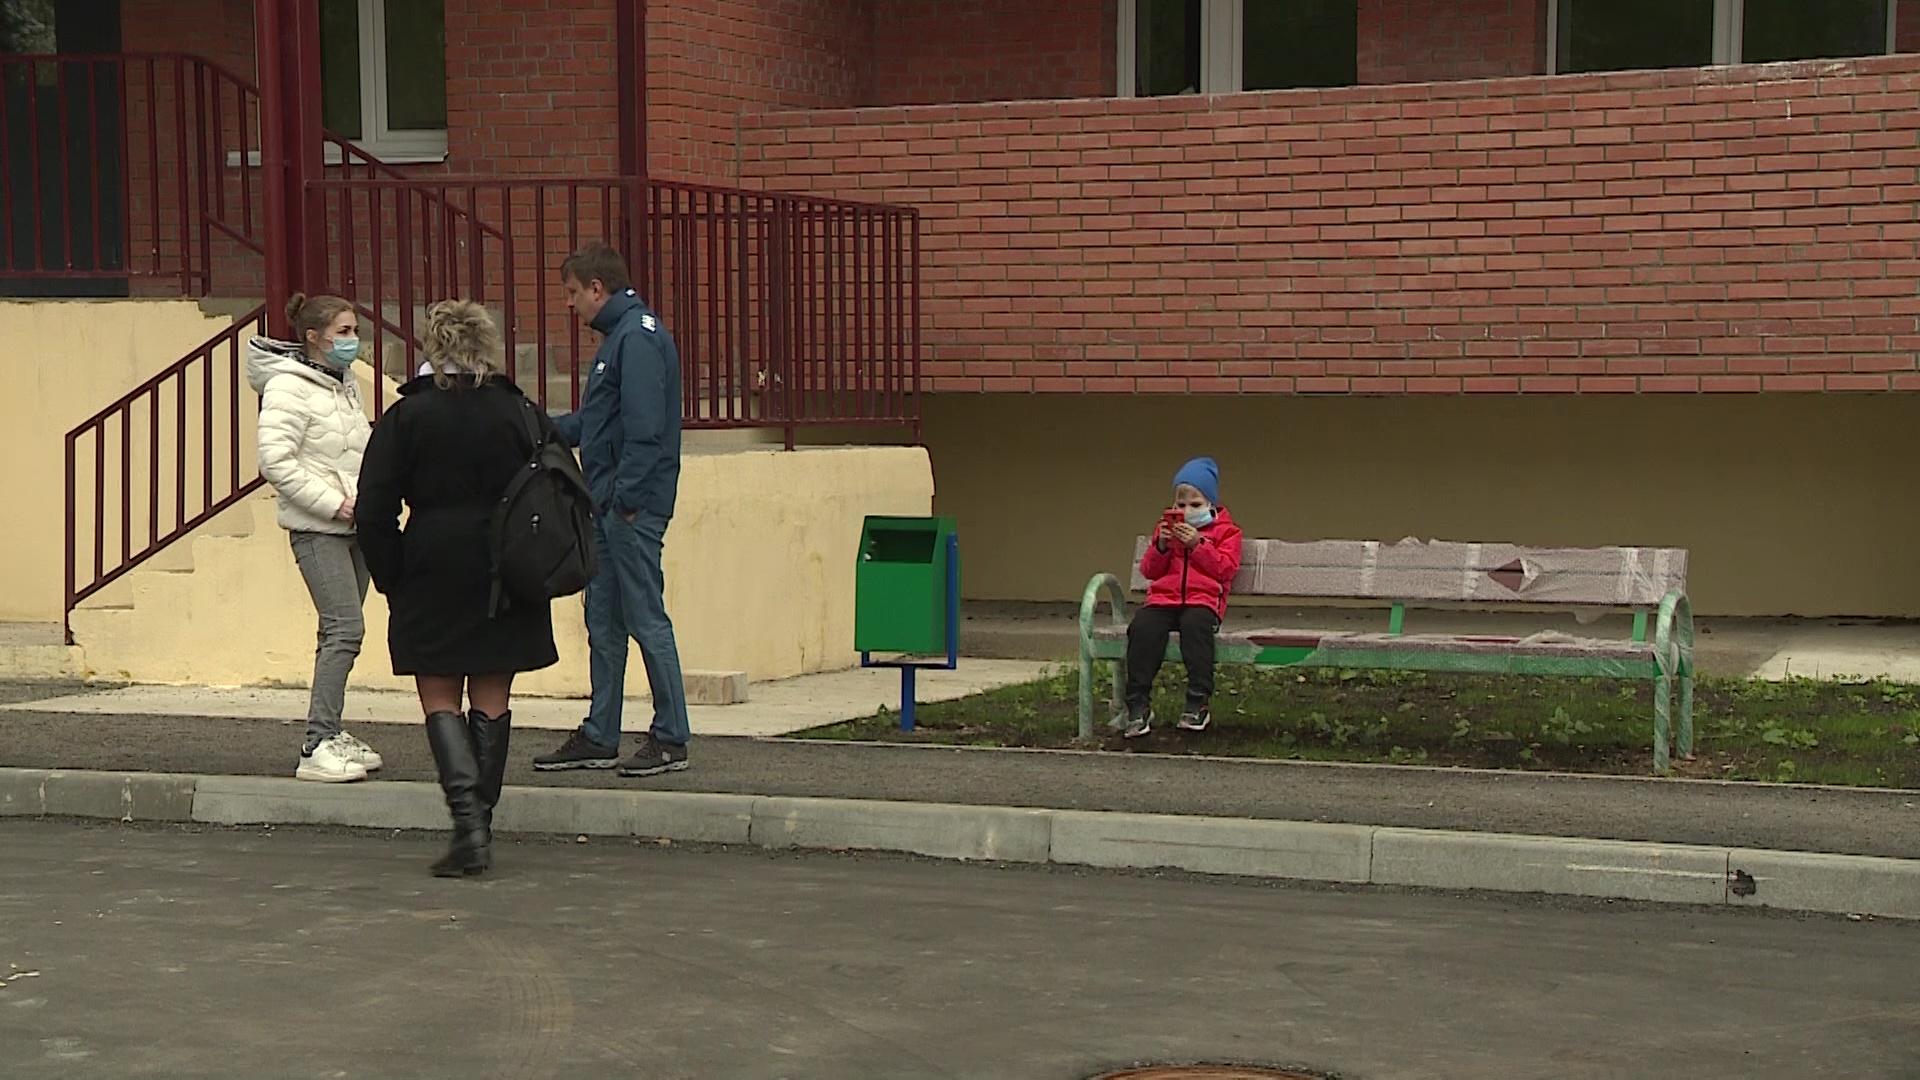 Дольщики дома на улице Летной в Ярославле скоро получат ключи от своих квартир